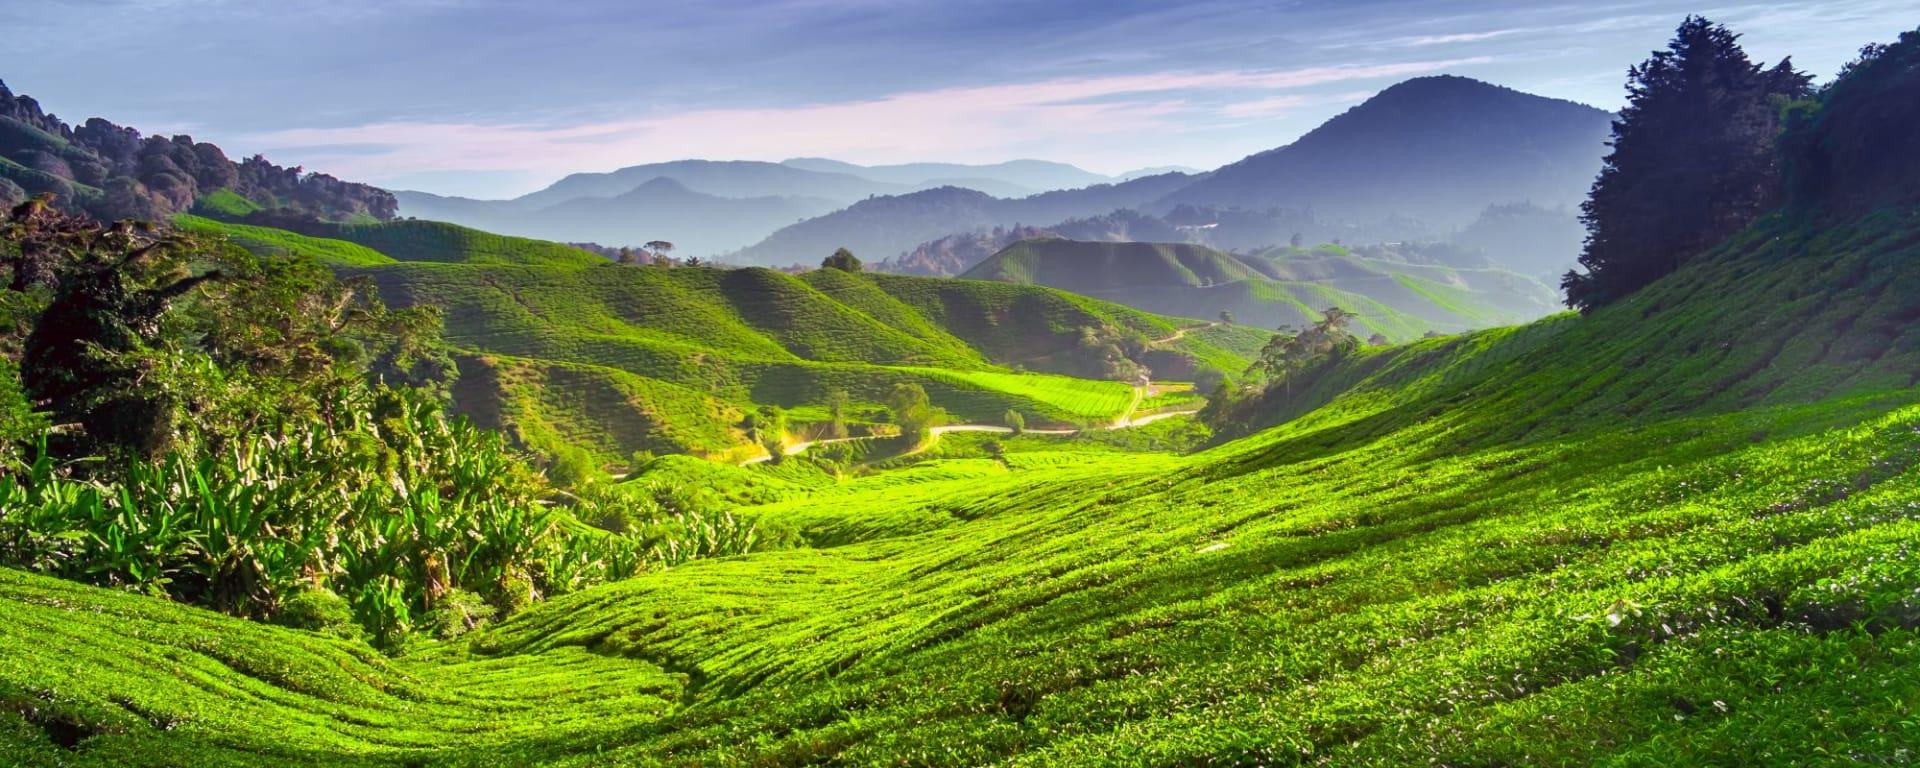 Wissenswertes zu Malaysia Reisen und Ferien: Malaysia Cameron Highlands Tea plantation